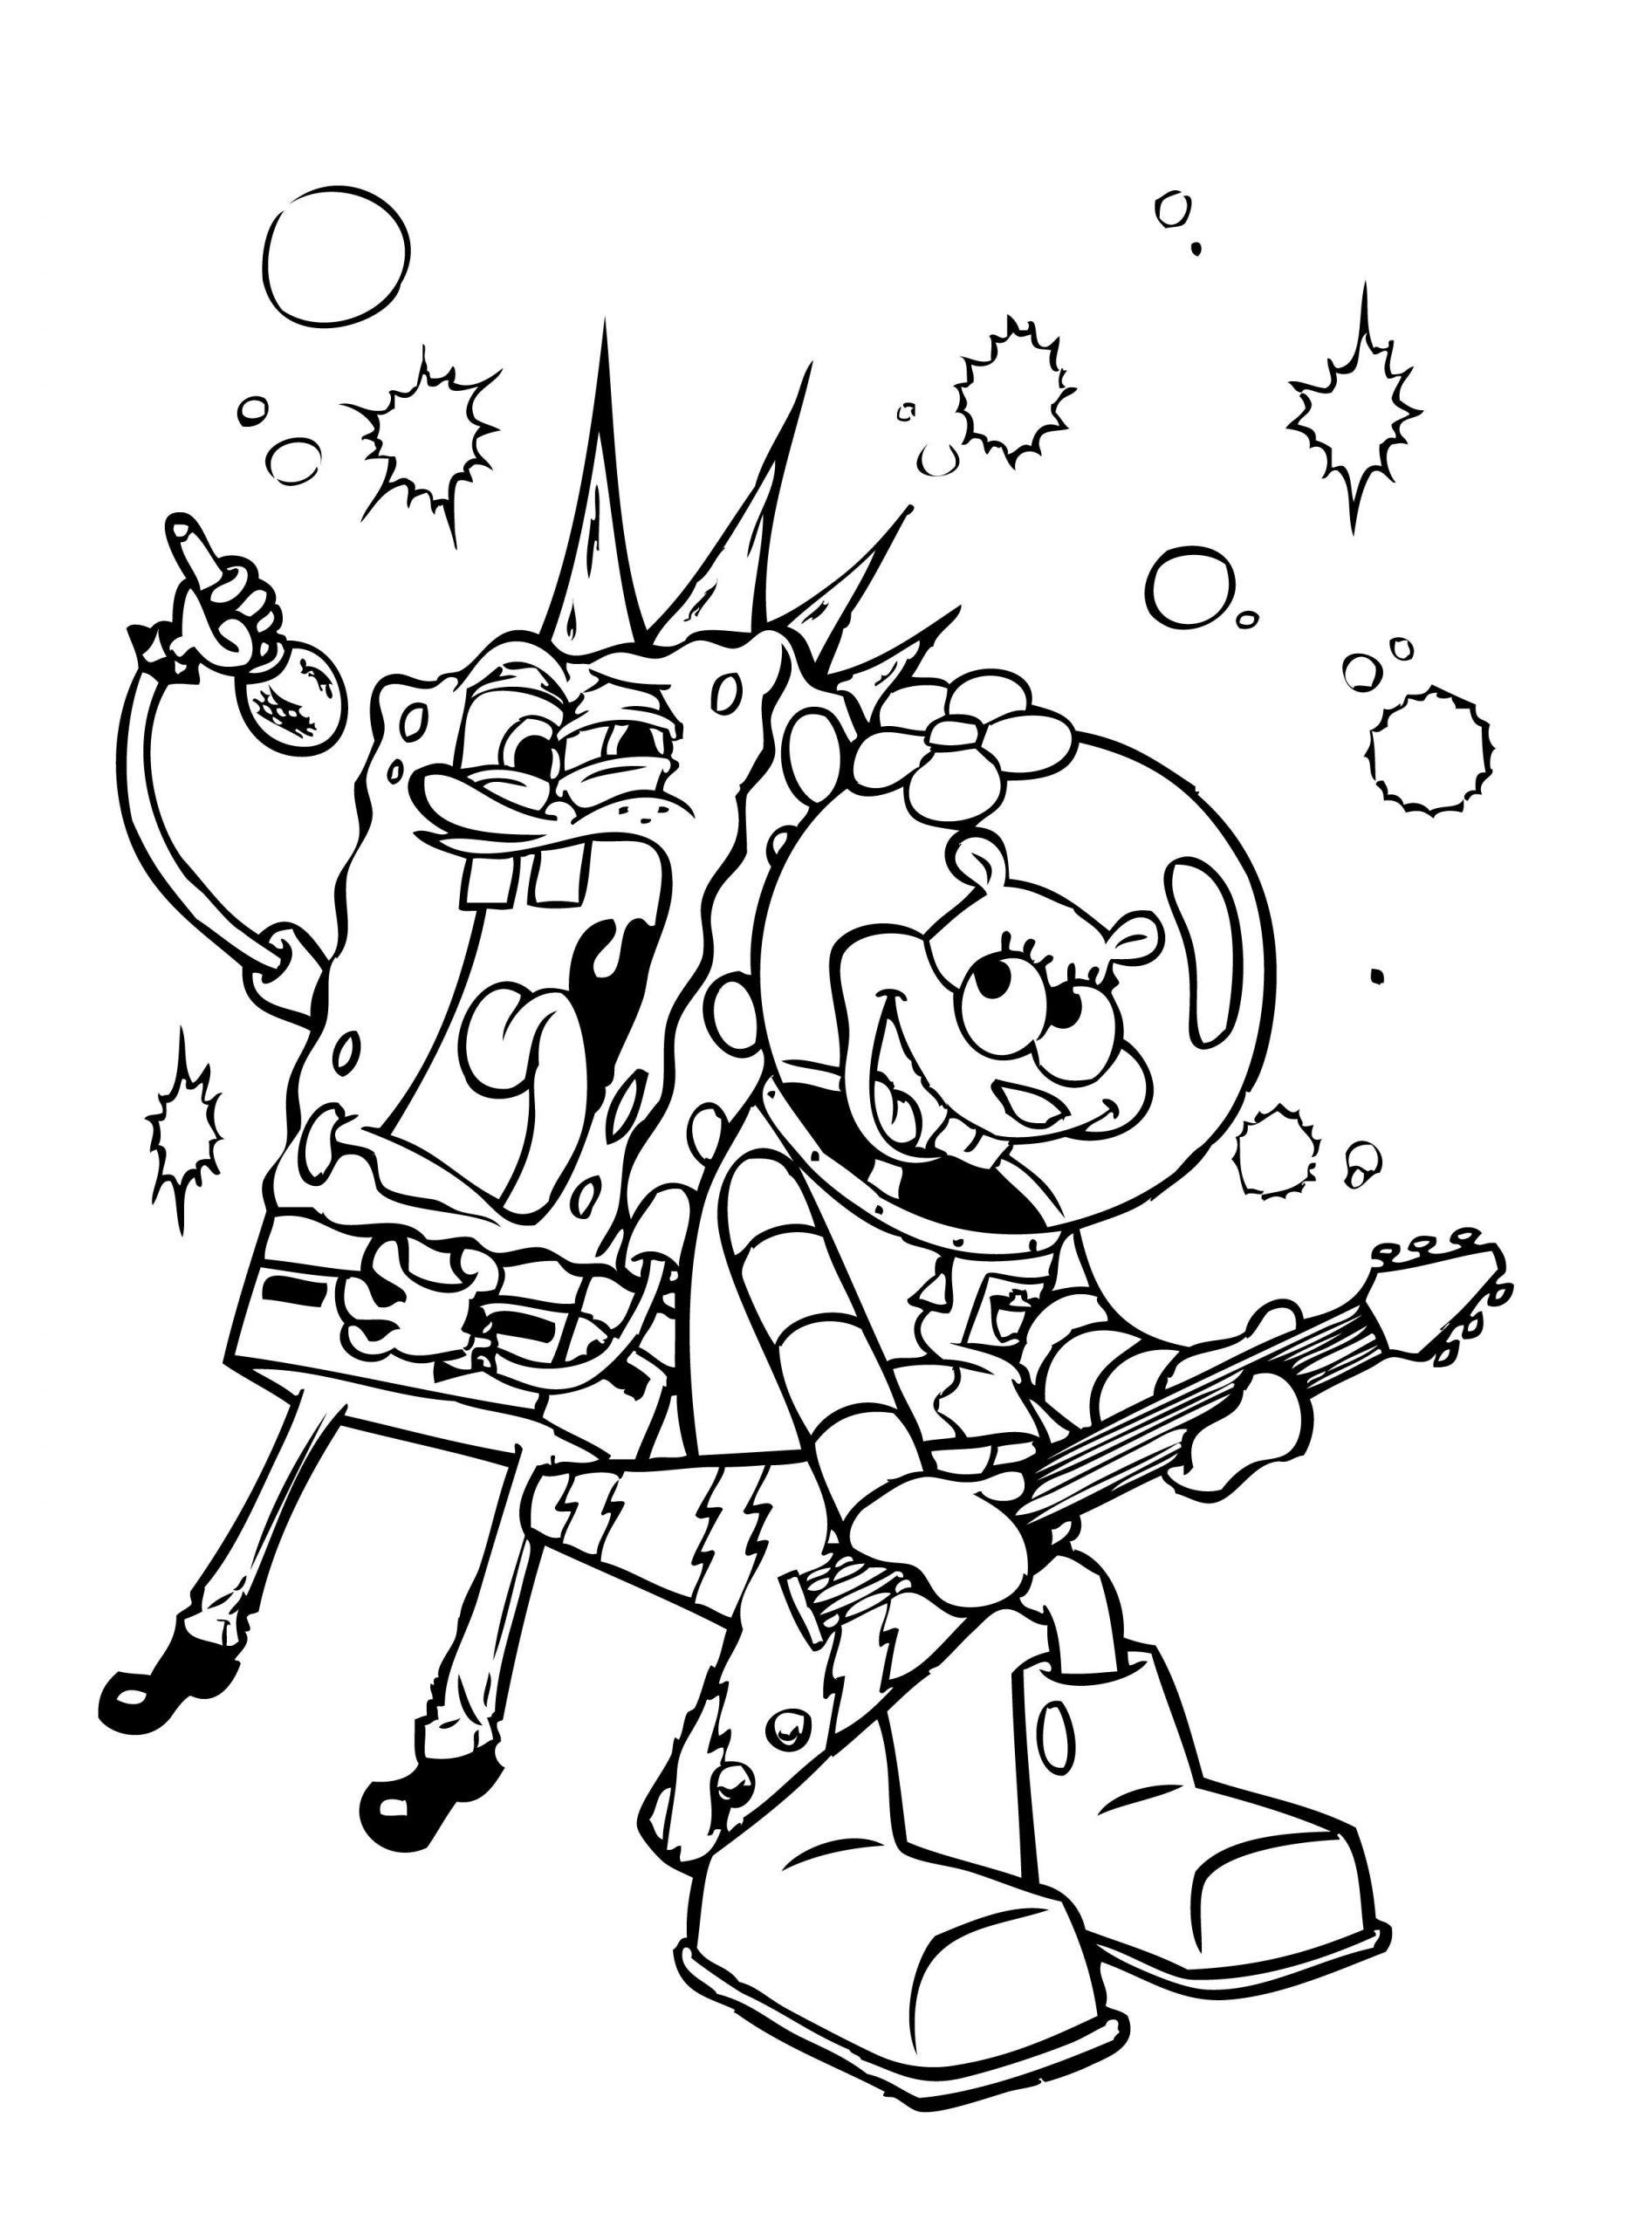 Spongebob Sing Coloring Pages Hd Wallpaper Spongebob concernant Image Bob L Éponge A Imprimer